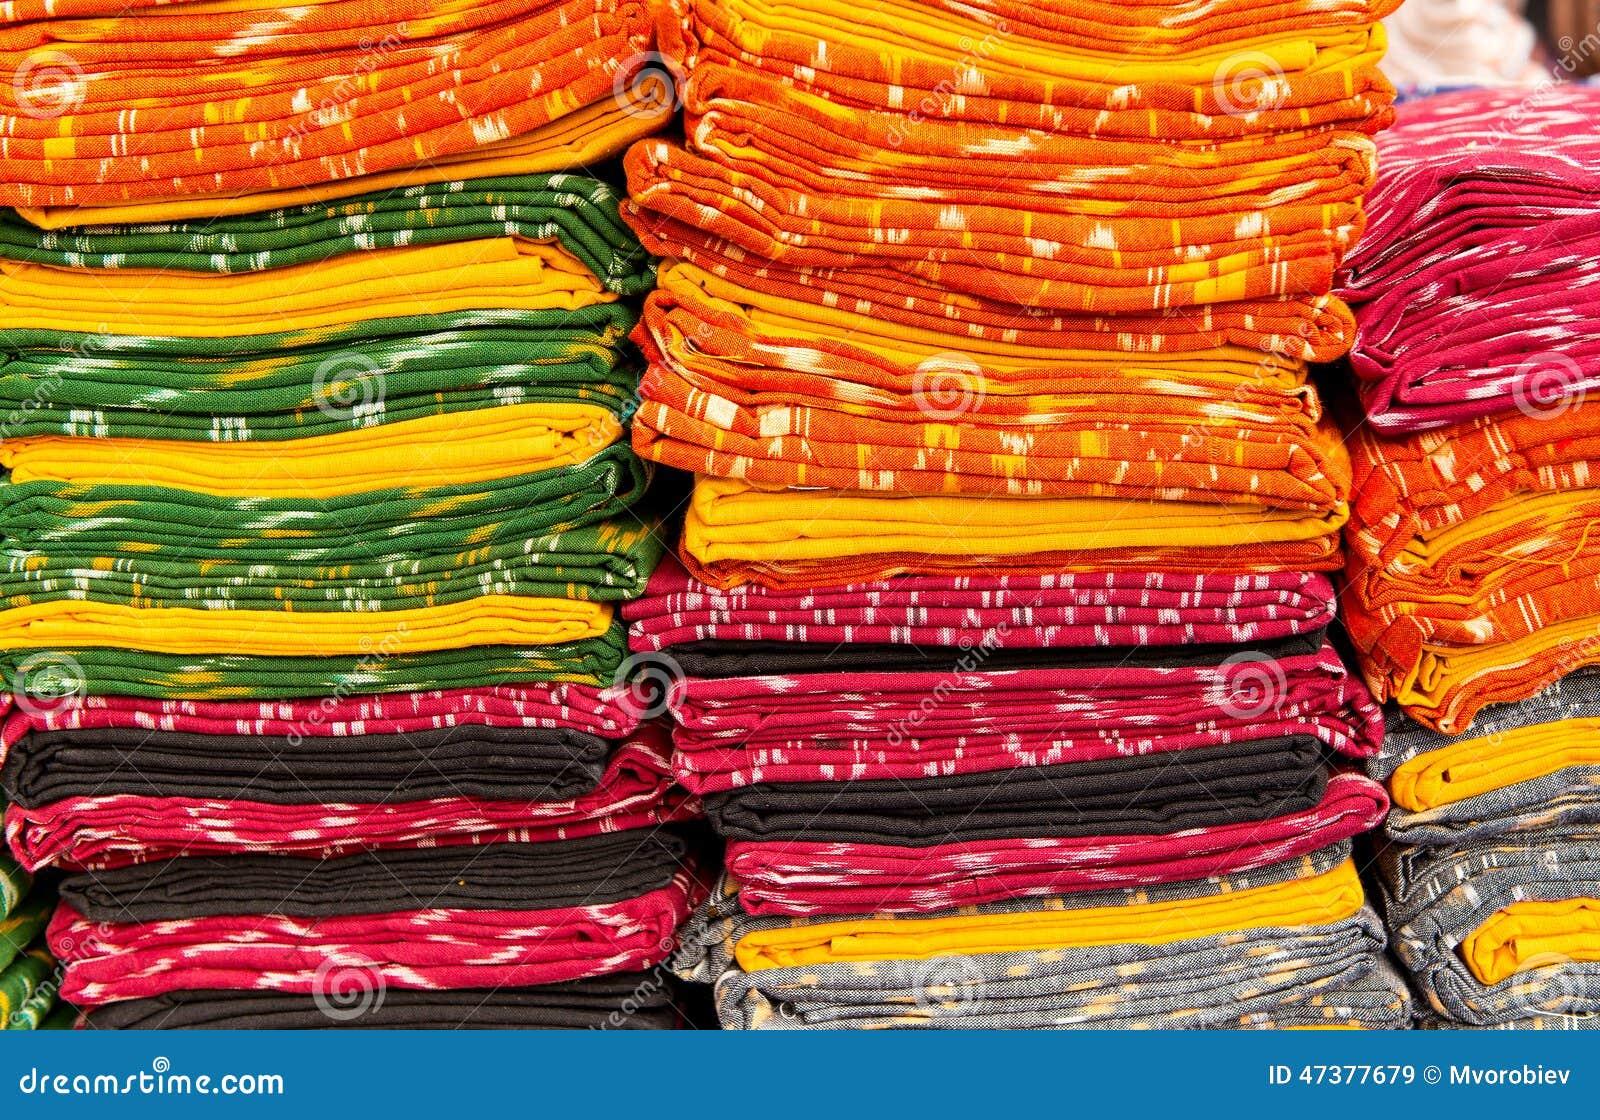 Las telas del pa o apilan en un mercado local en la india - Telas de la india online ...